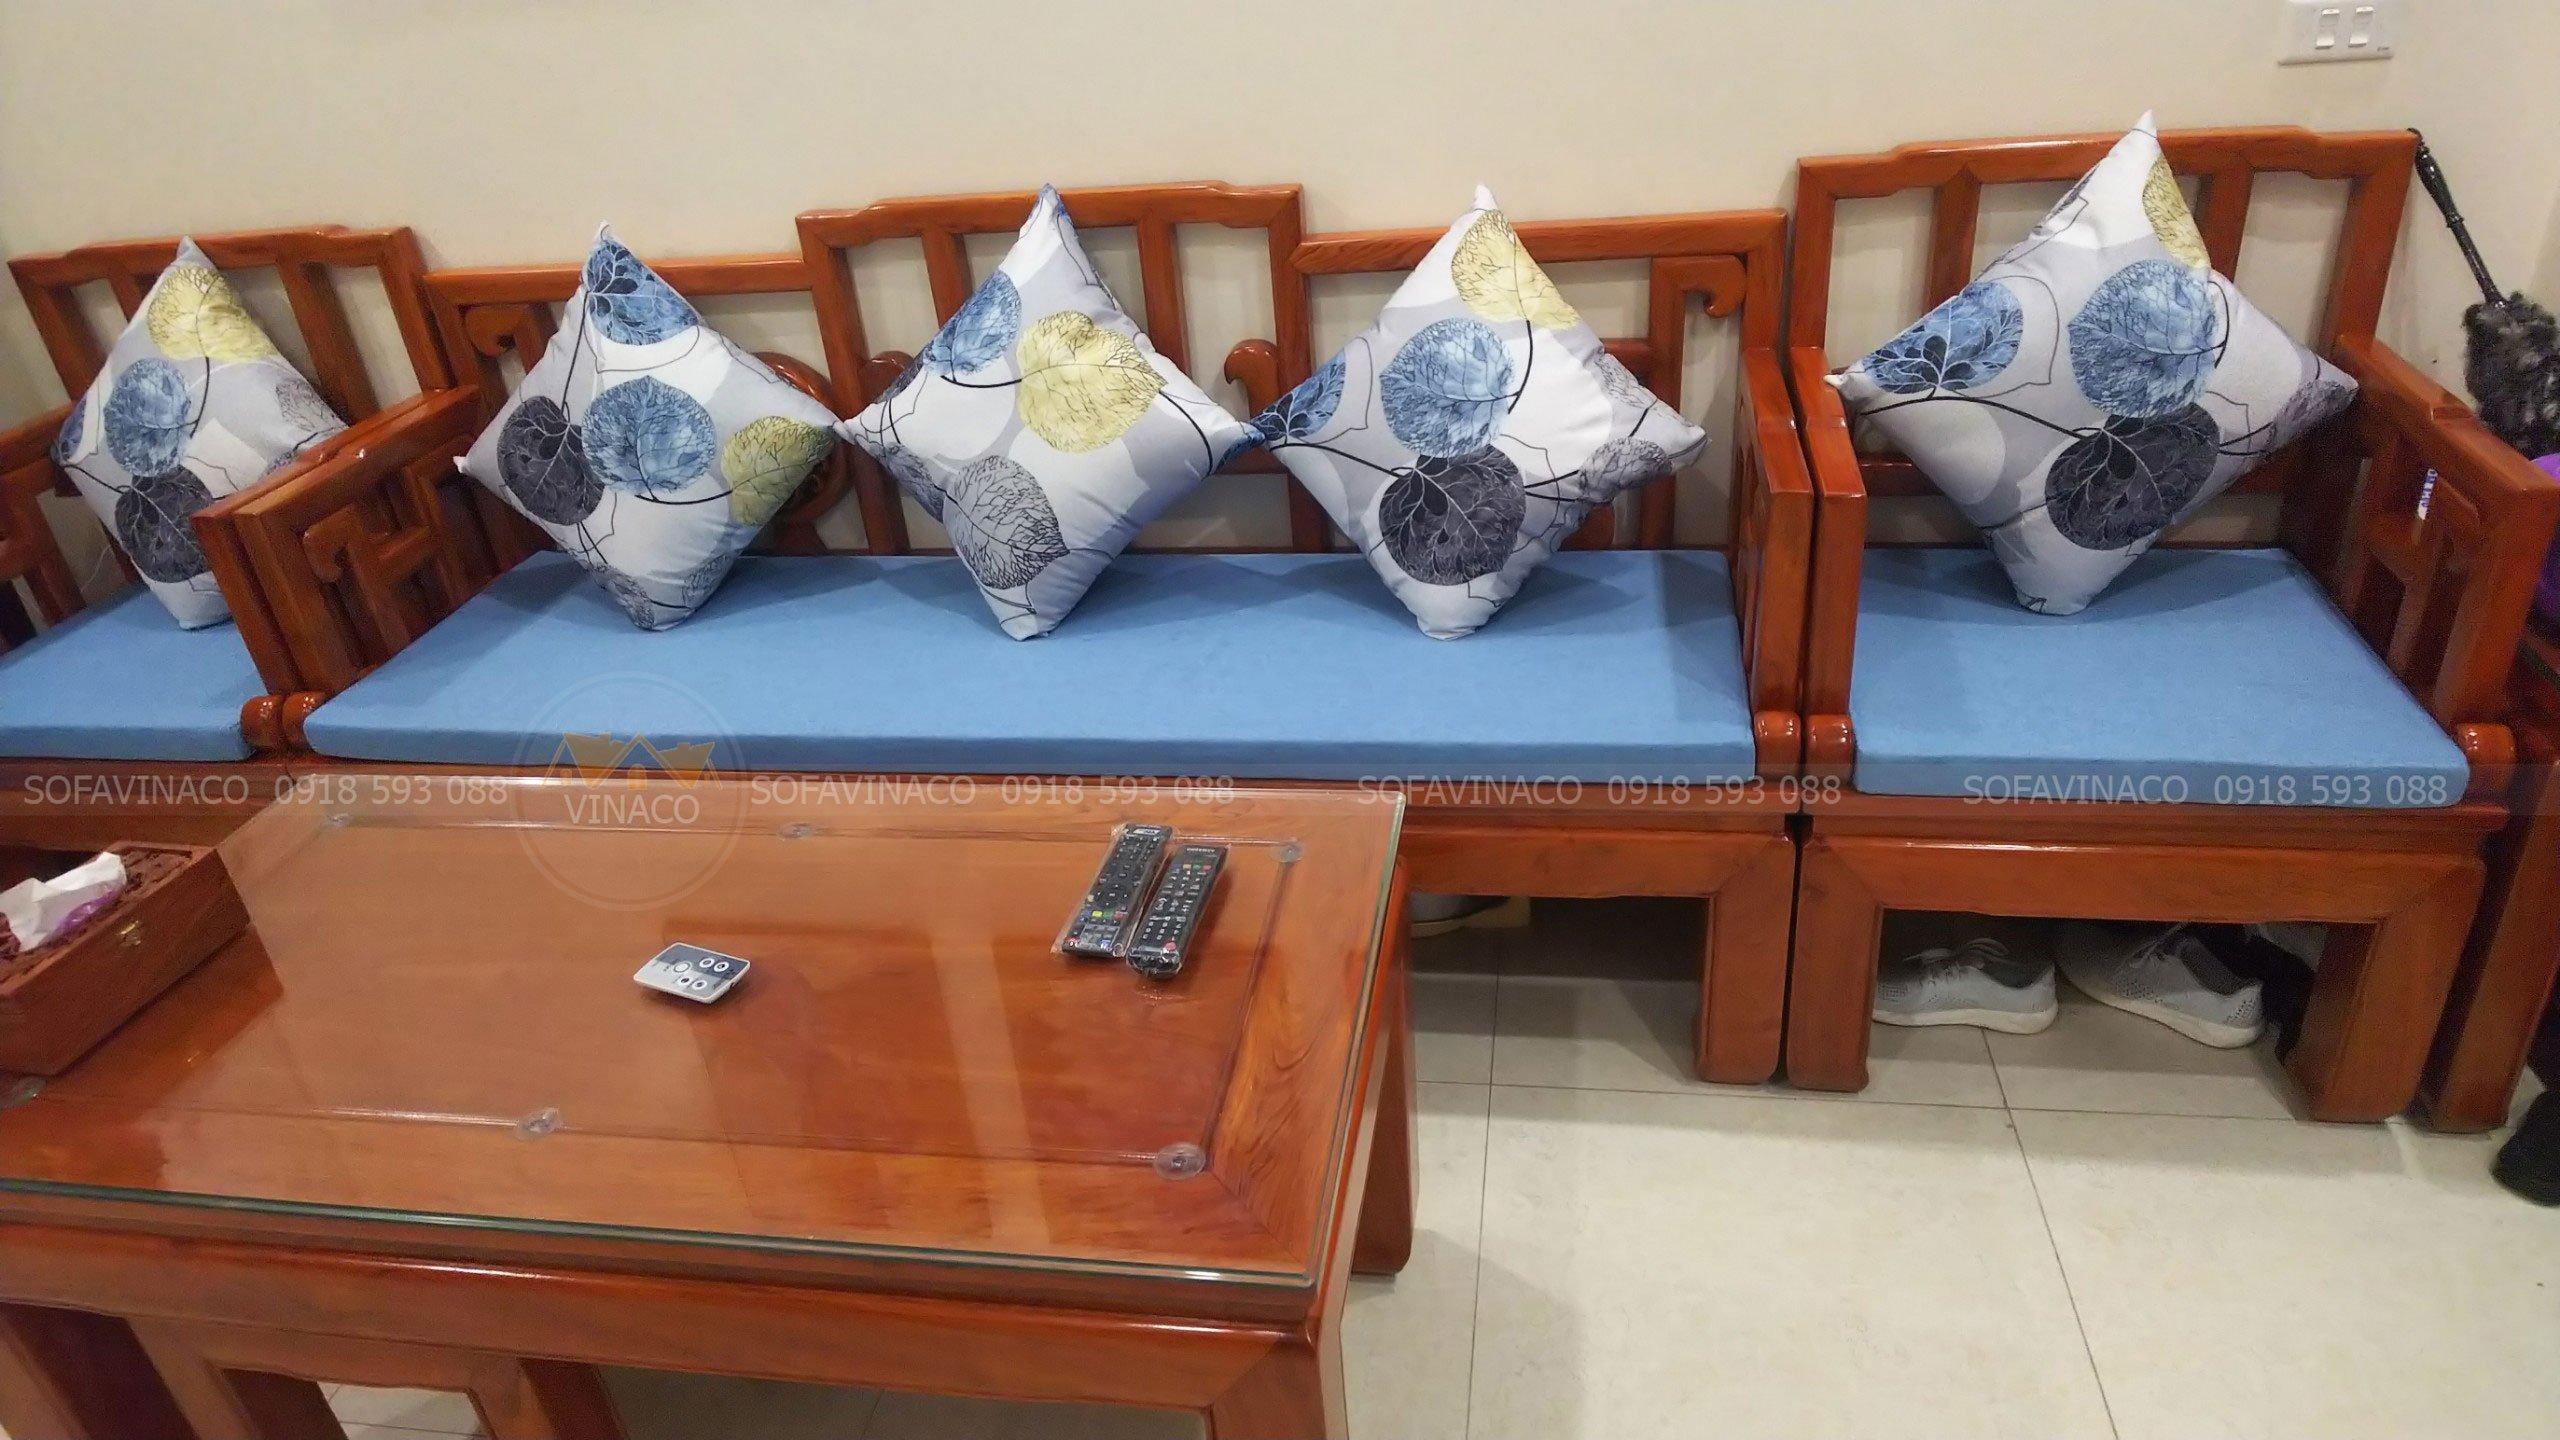 Bàn giao đệm ghế ngồi cho gia đình chú Hùng tại Lạc Long Quân